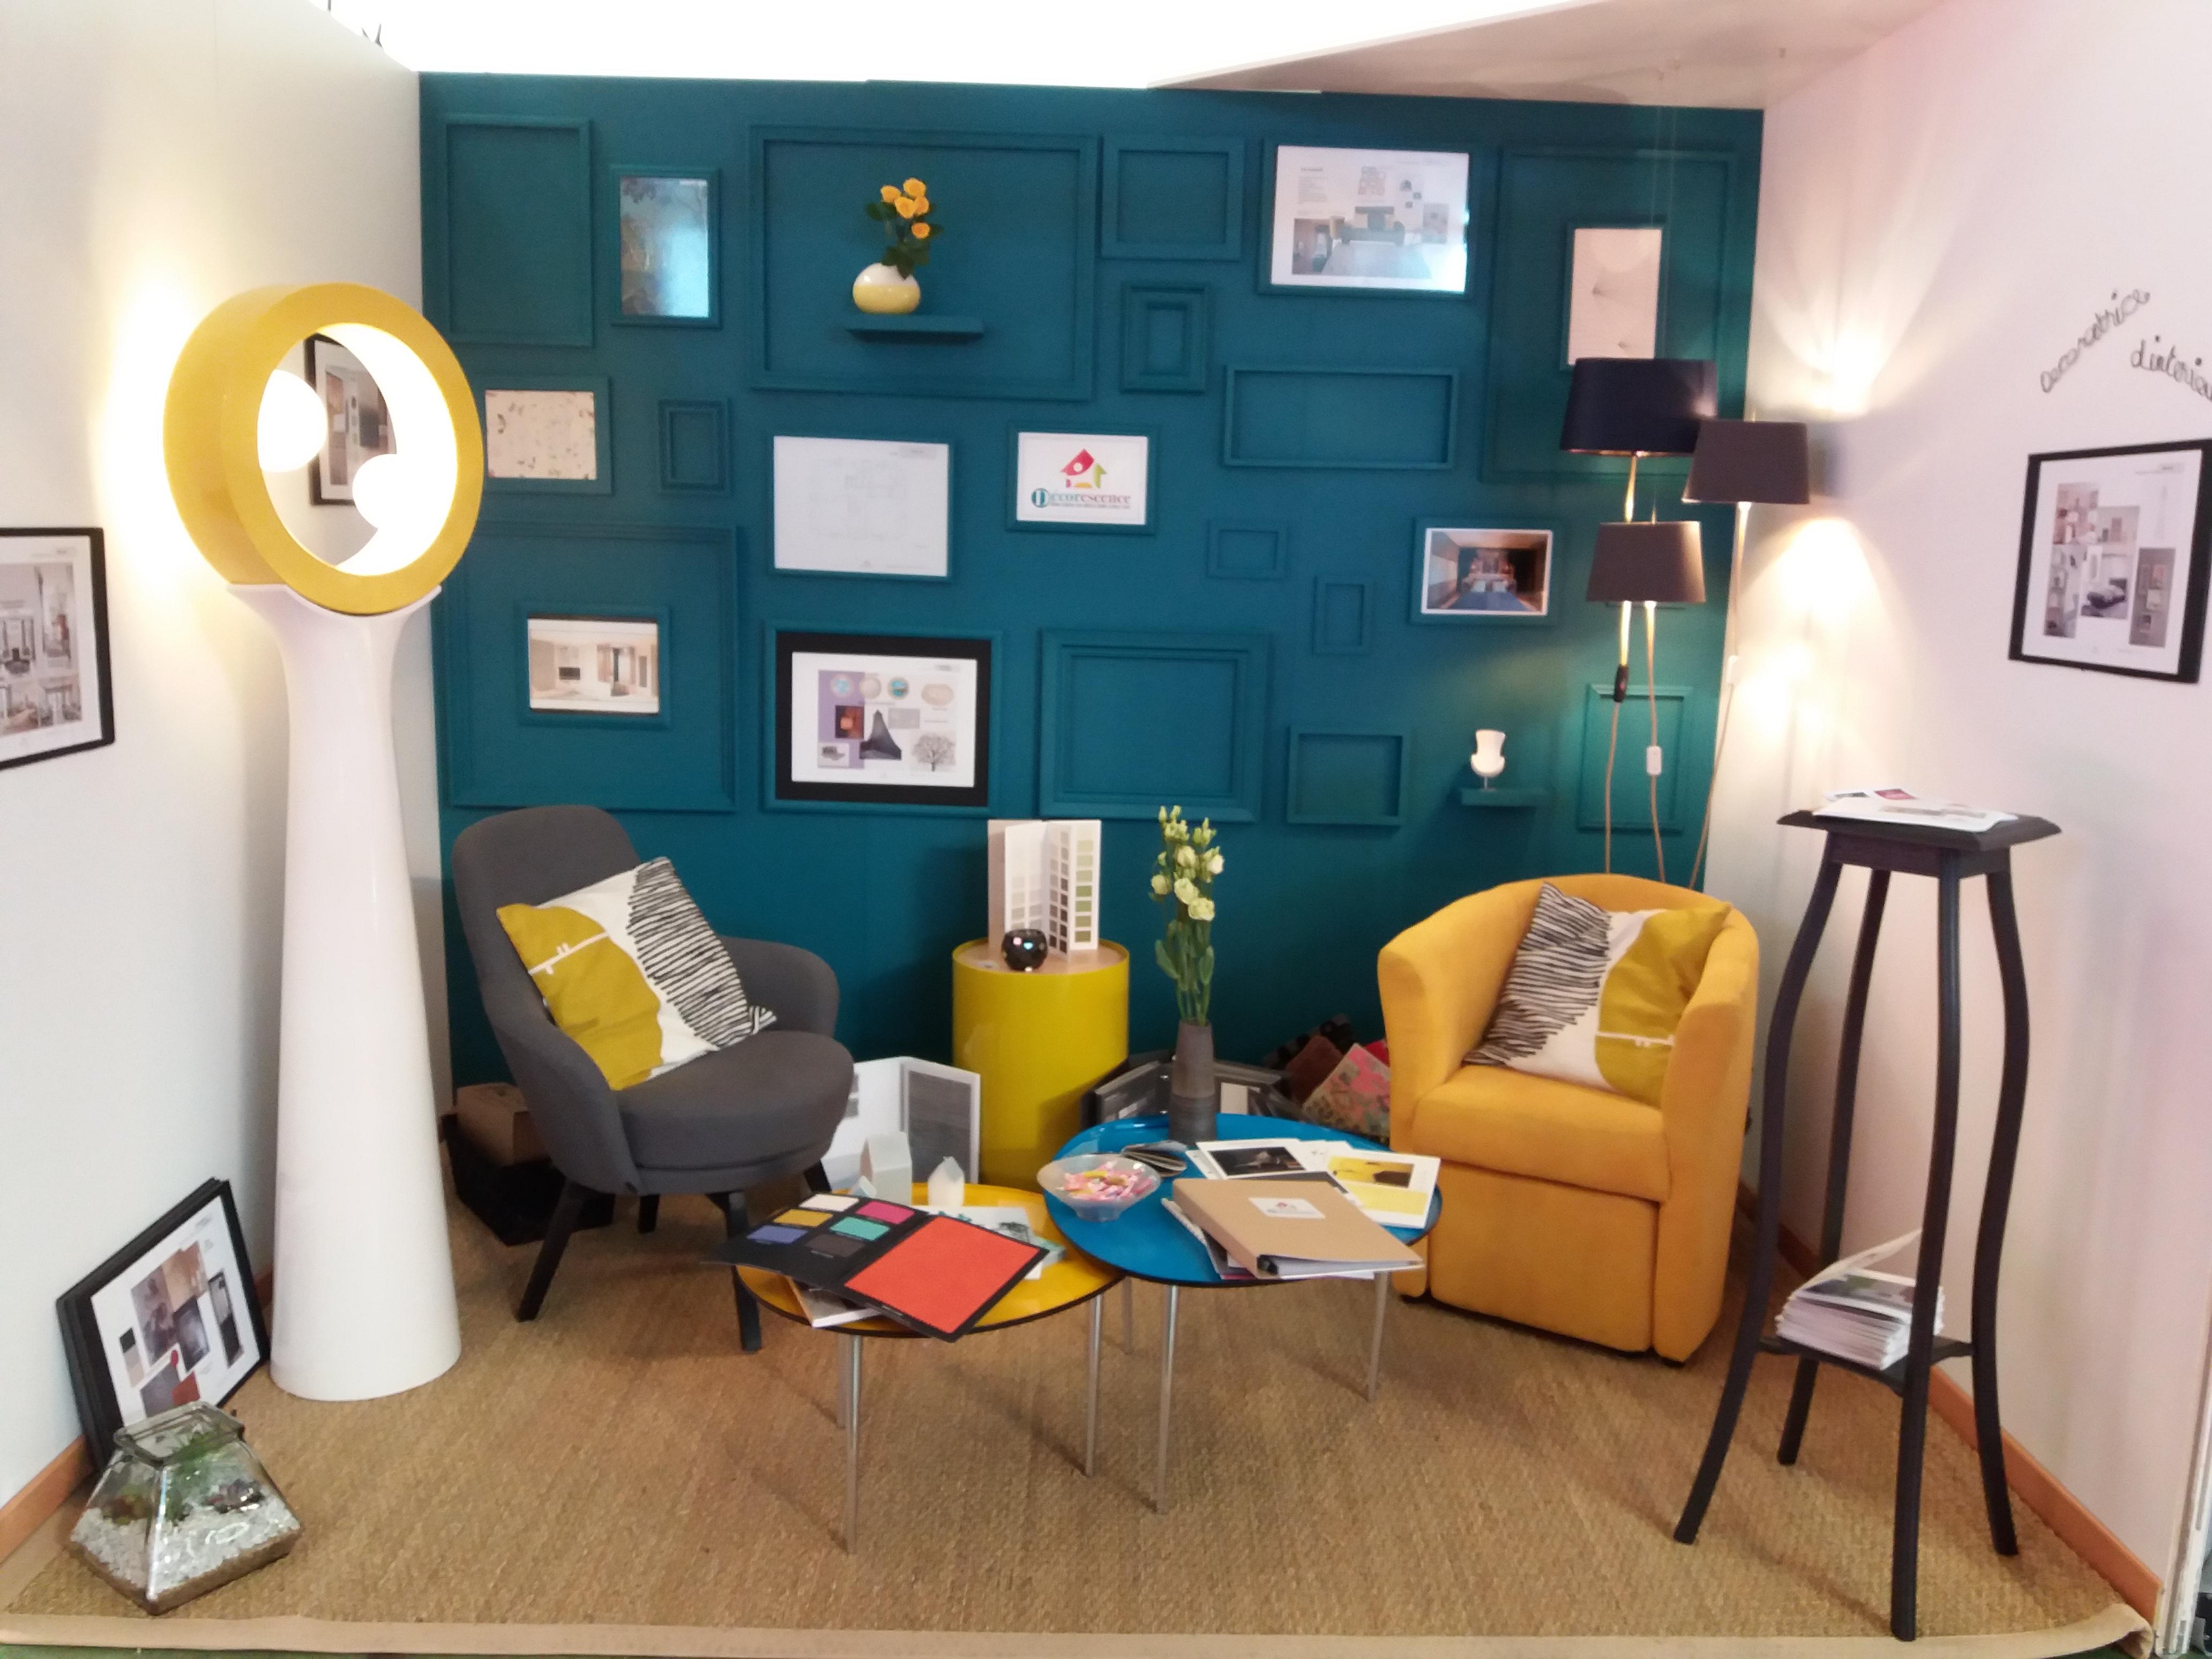 Un salon de l 39 habitat qui commence bien - Salon de l habitat chambery ...